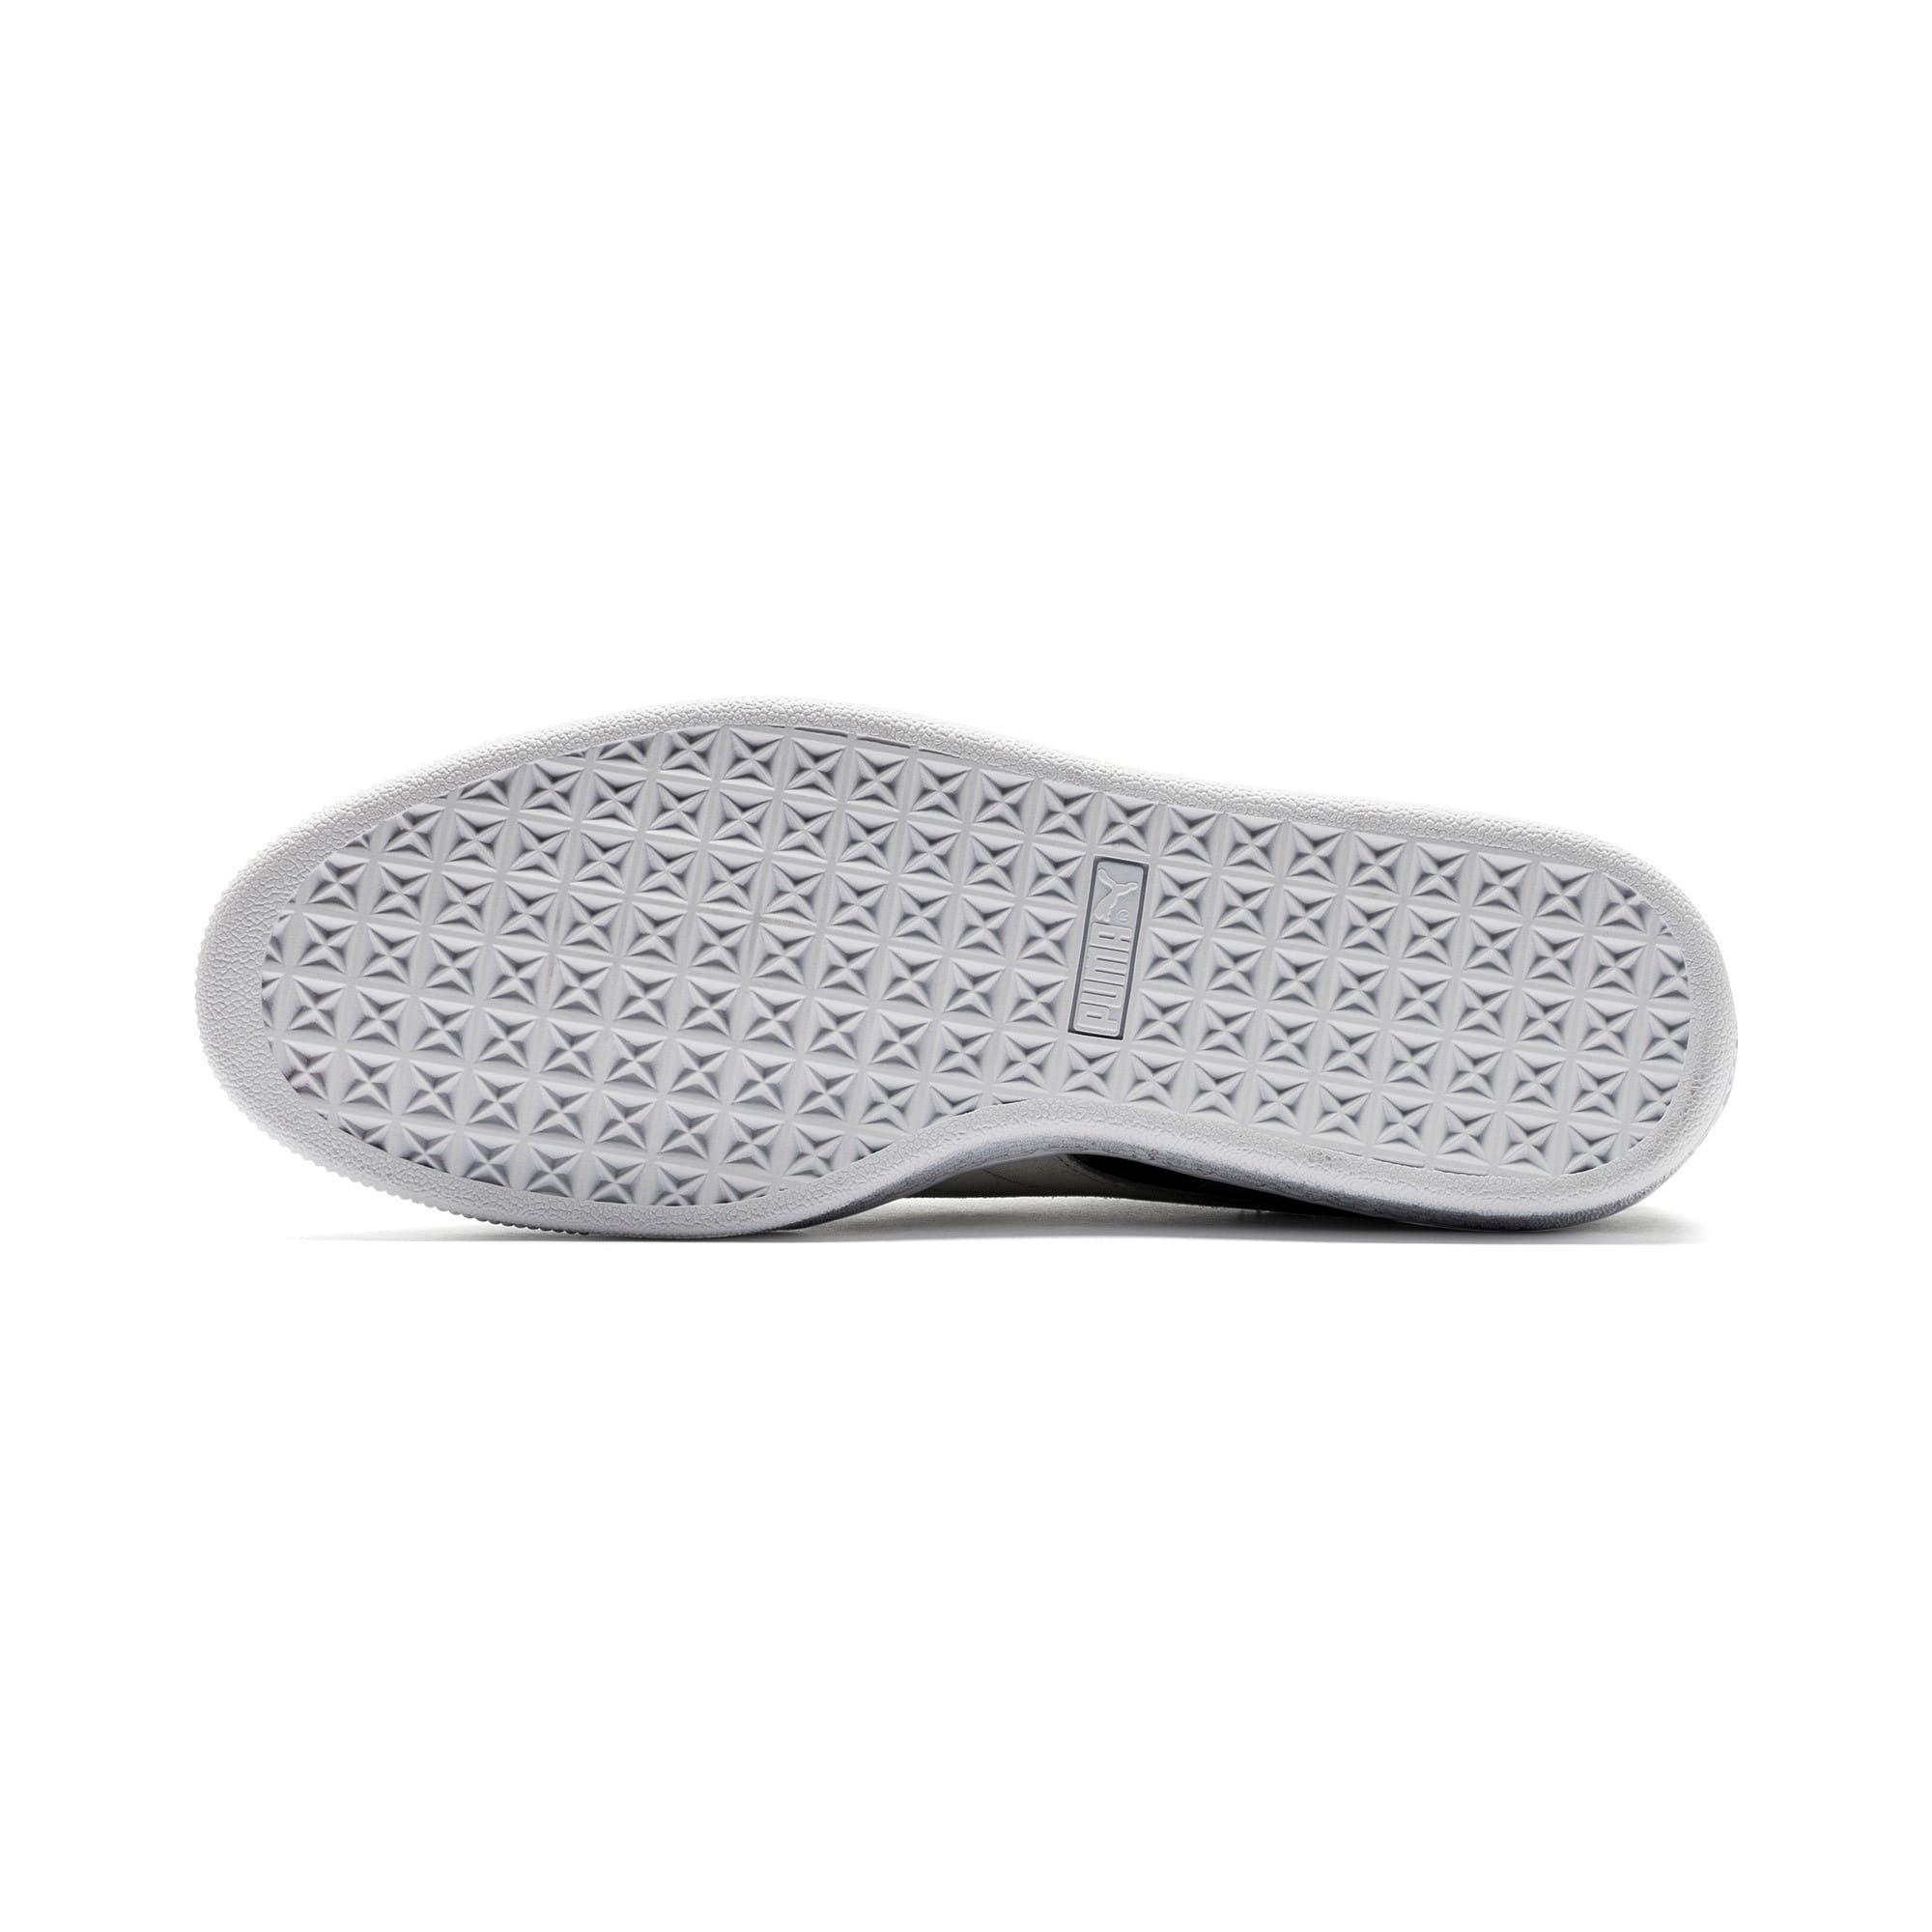 Miniatura 4 de Zapatos deportivos Suede Classic Ambush, Puma Black-CASTLEROCK-White, mediano